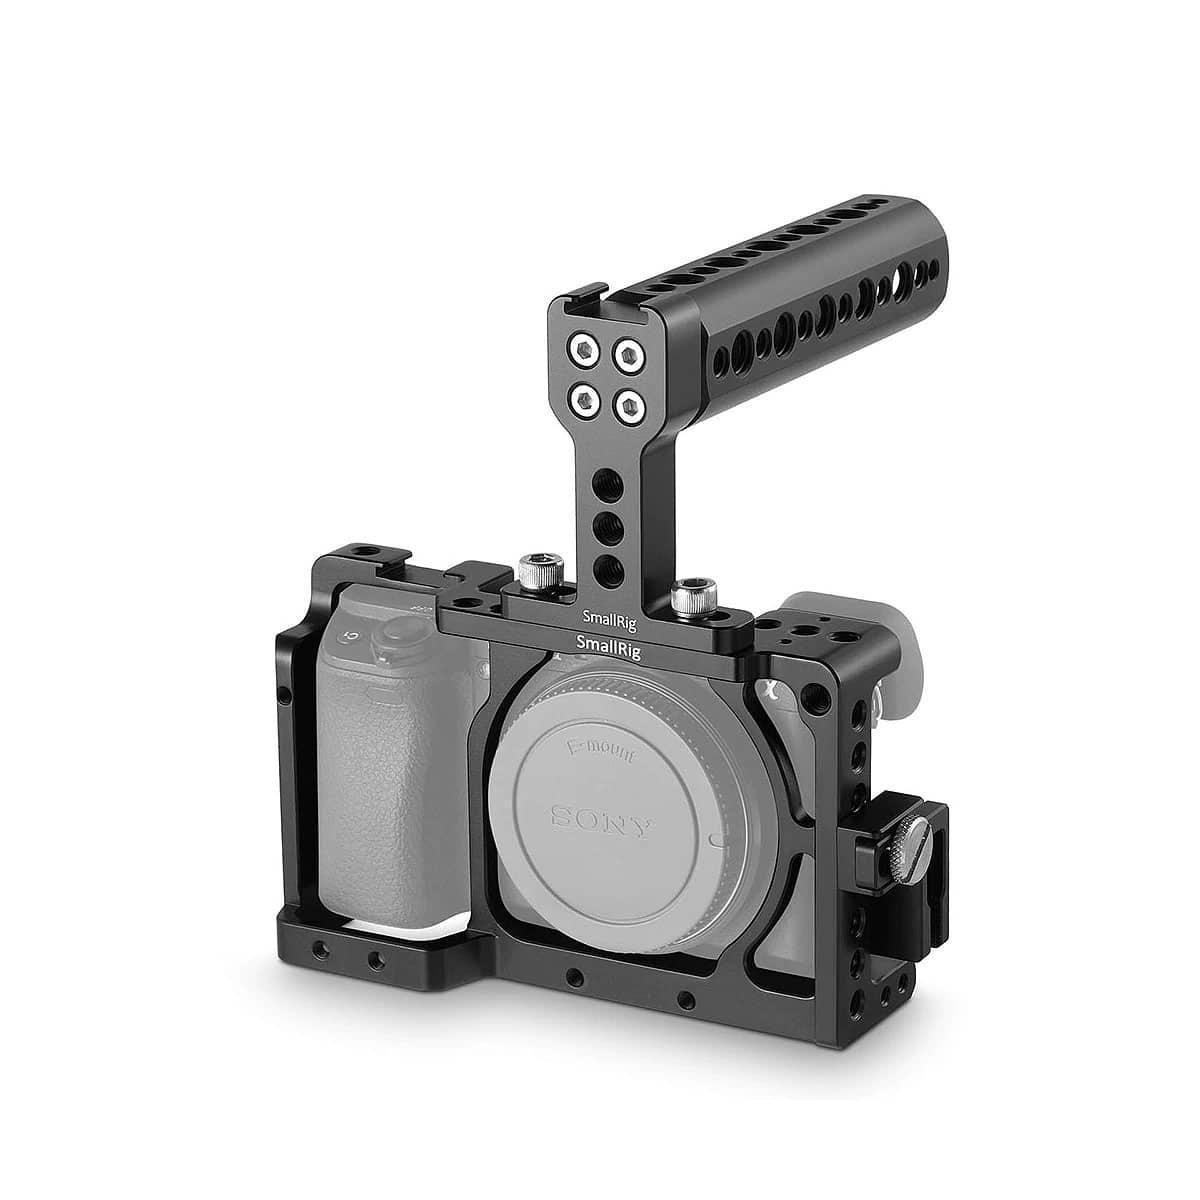 SmallRig Sony A6000/A6300/A6500 ILCE-6000/ILCE-6300/ILCE-6500/NEX7 Camera Accessory Kit 1921